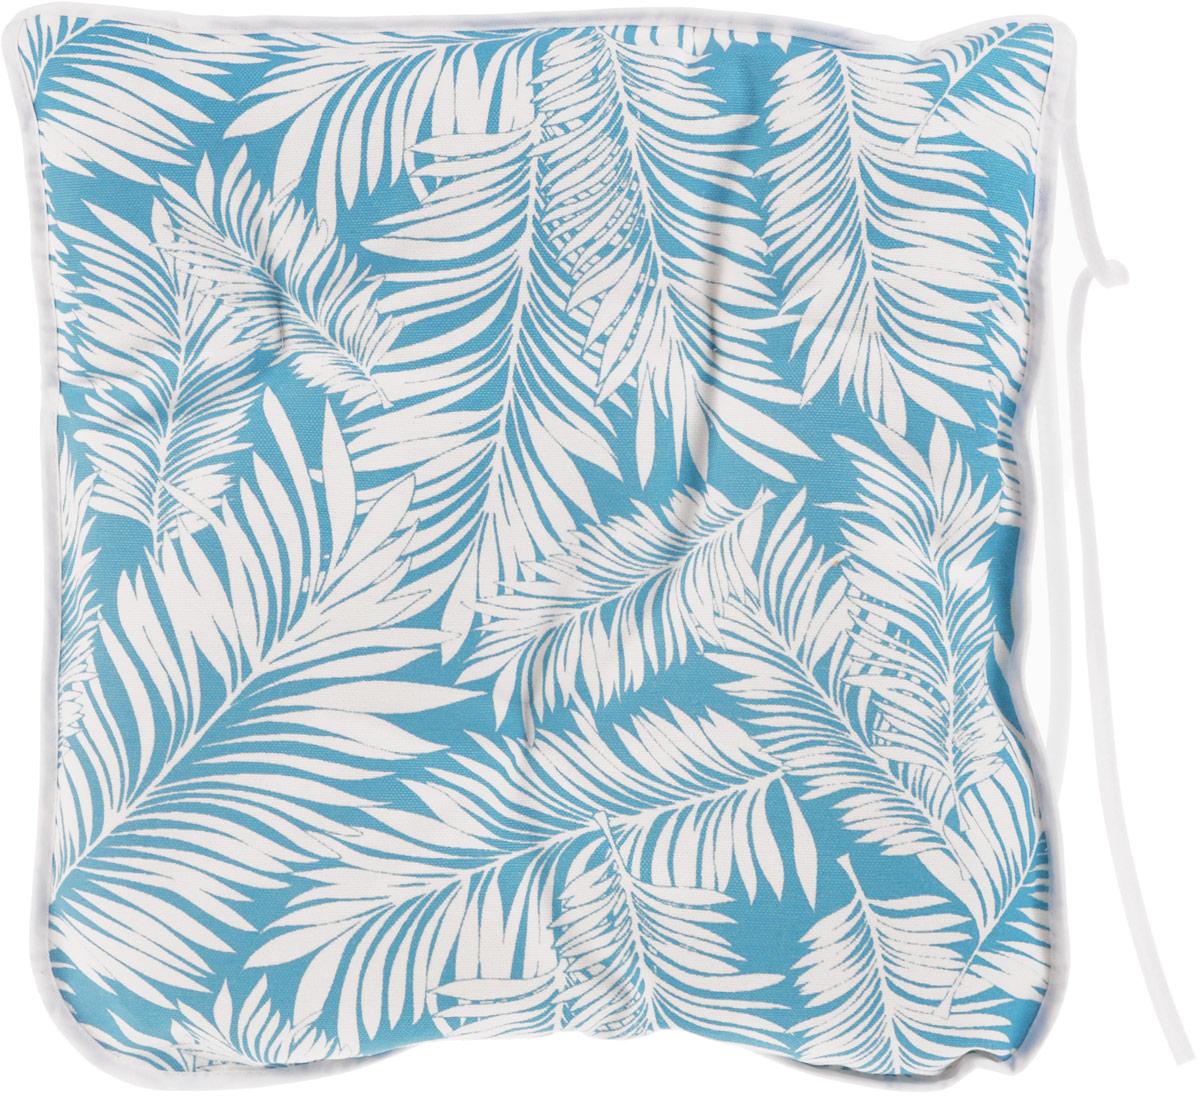 Подушка на стул KauffOrt Лазурный берег, цвет: голубой, 40 x 40 см3112162140Подушка на стул KauffOrt Лазурный берег не только красиво дополнит интерьер кухни, но и обеспечит комфорт при сидении. Чехол выполнен из хлопка и полиэстера, а наполнитель из холлофайбера. Подушка легко крепится на стул с помощью завязок. Правильно сидеть - значит сохранить здоровье на долгие годы. Жесткие сидения подвергают наше здоровье опасности. Подушка с мягким наполнителем поможет предотвратить большинство нежелательных последствий сидячего образа жизни. Толщина подушки: 5 см.